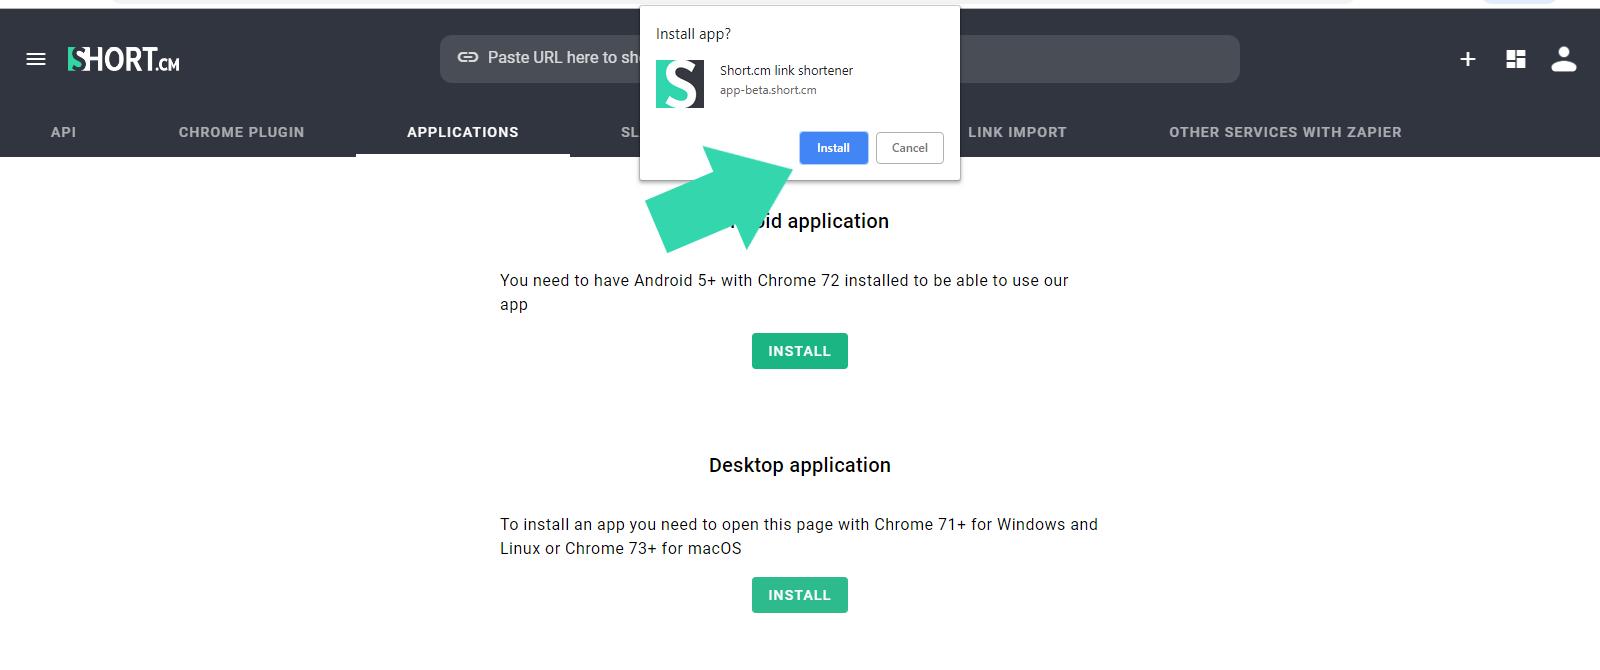 install-shortcm-app